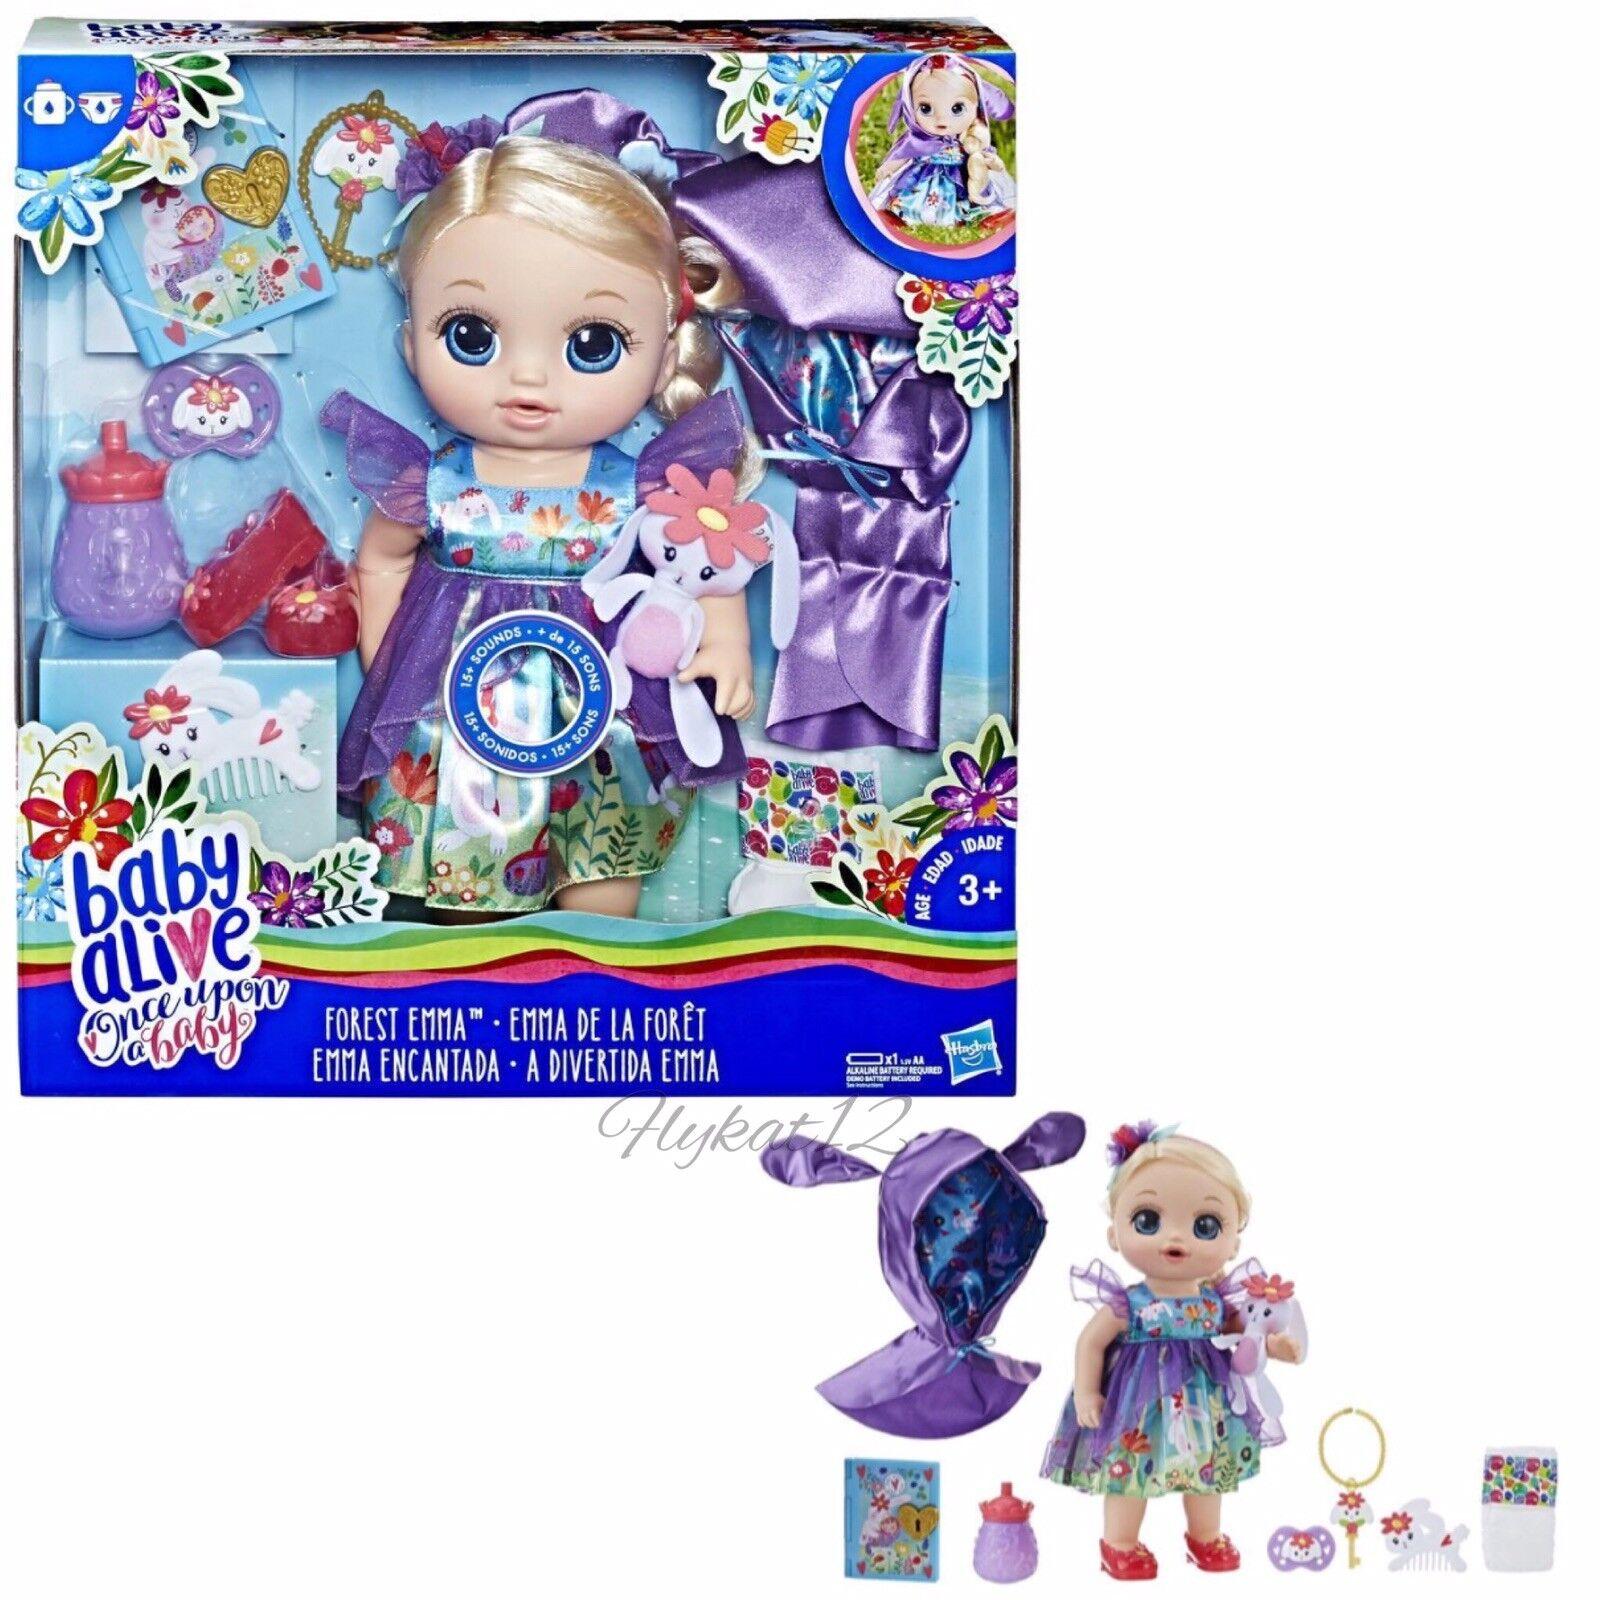 Baby Alive Edición Especial Once Upon a bebé Bosque Cuentos Bosque Emma Rubio